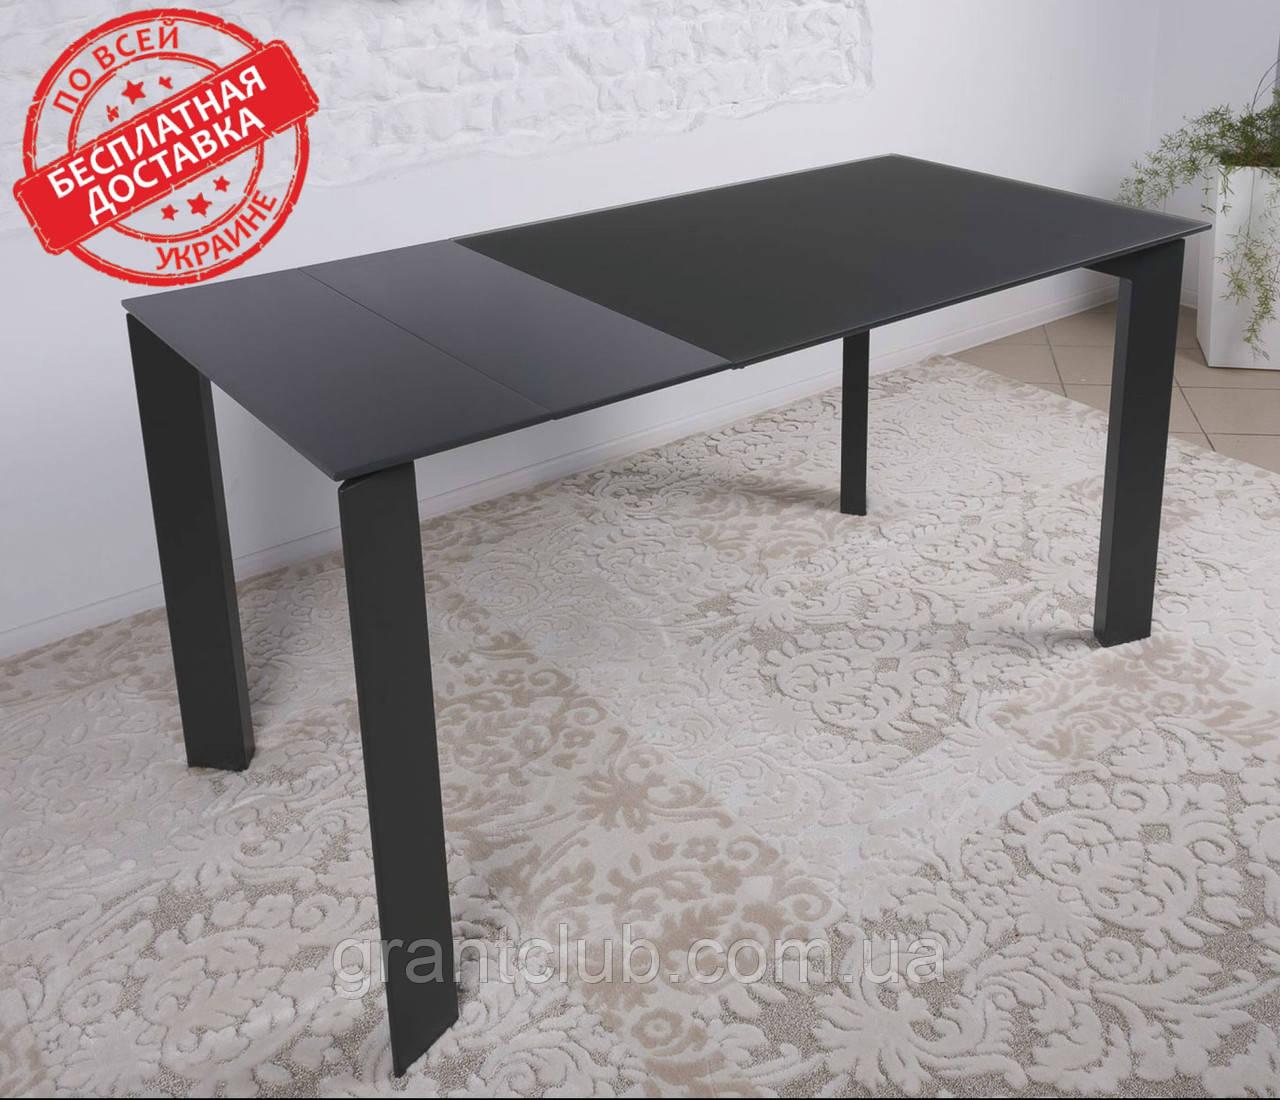 Стеклянный раскладной стол BRISTOL B 130/200*85 графит Nicolas (бесплатная адресная доставка)